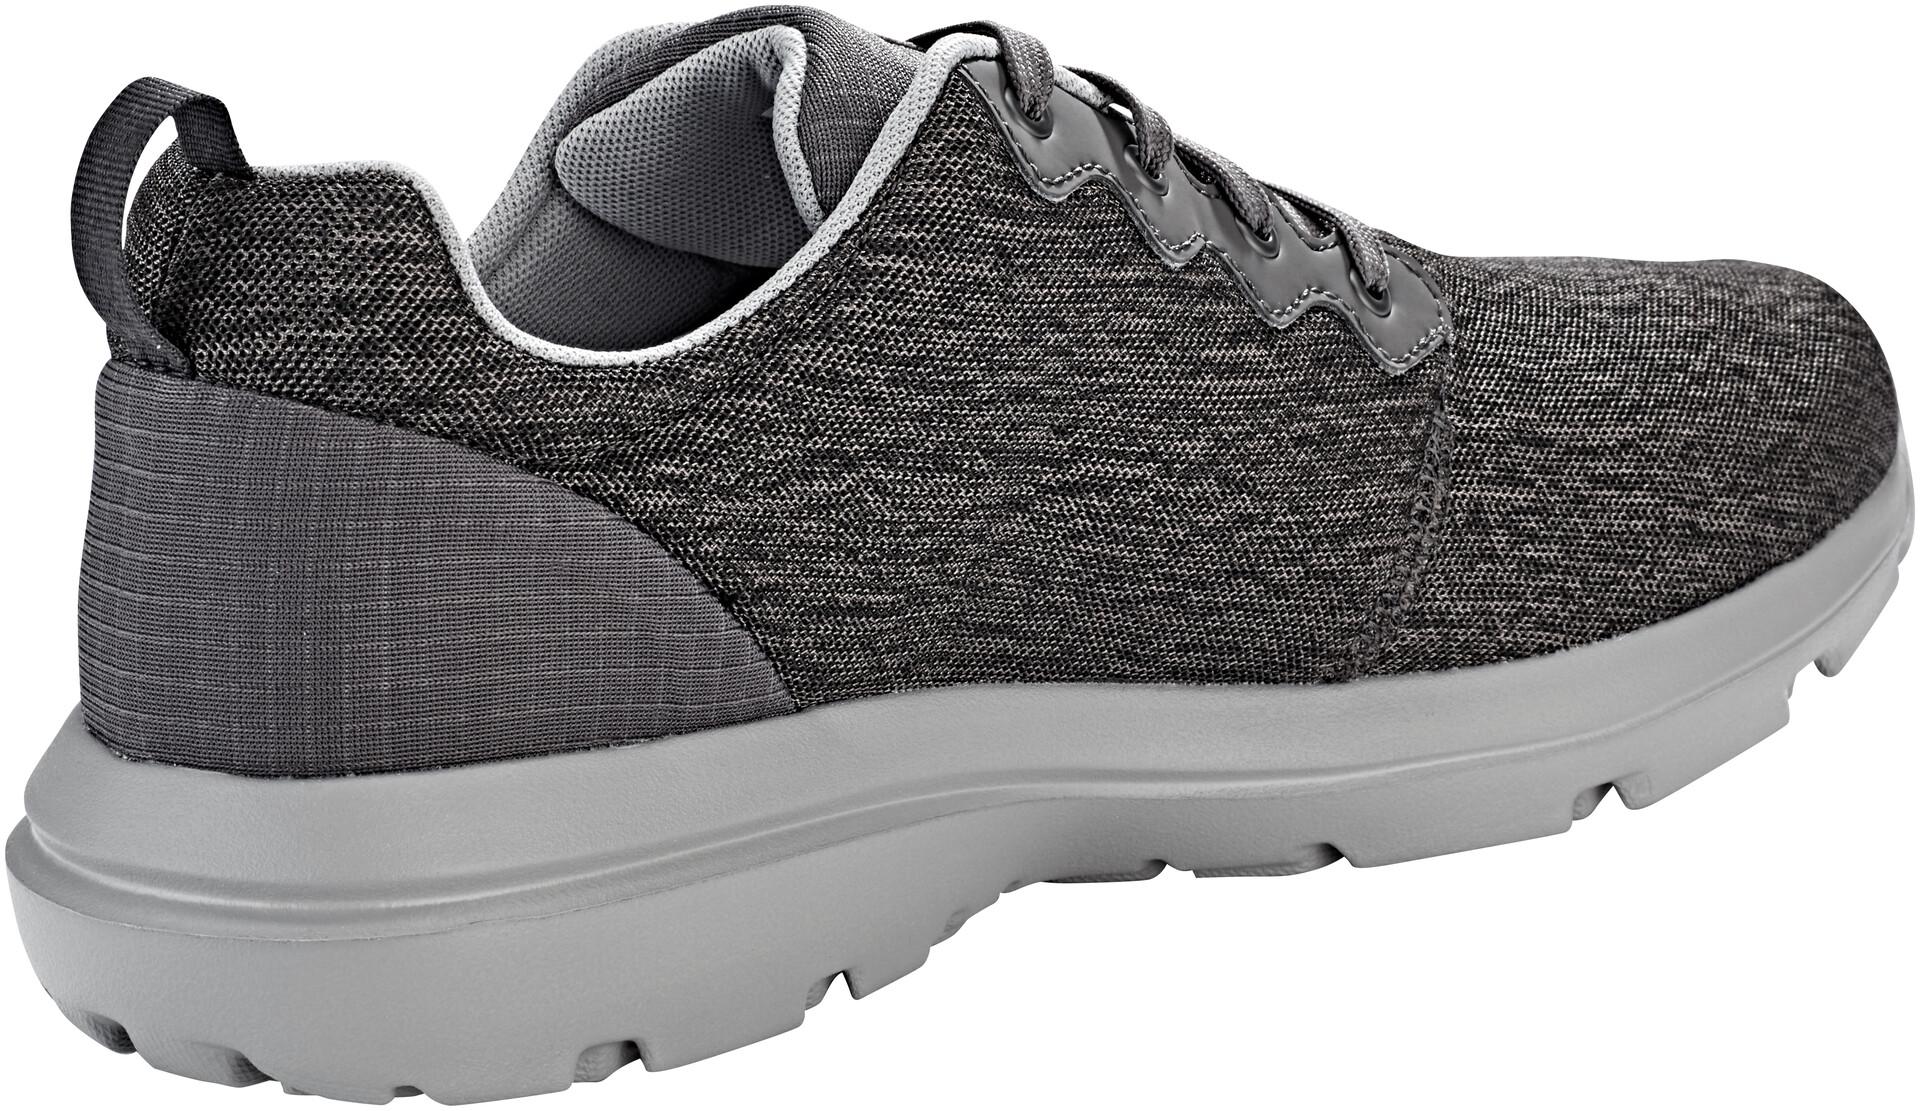 Outdry Columbia Shoes Herren Backpedal Sharkmonument Jcl13uTFK